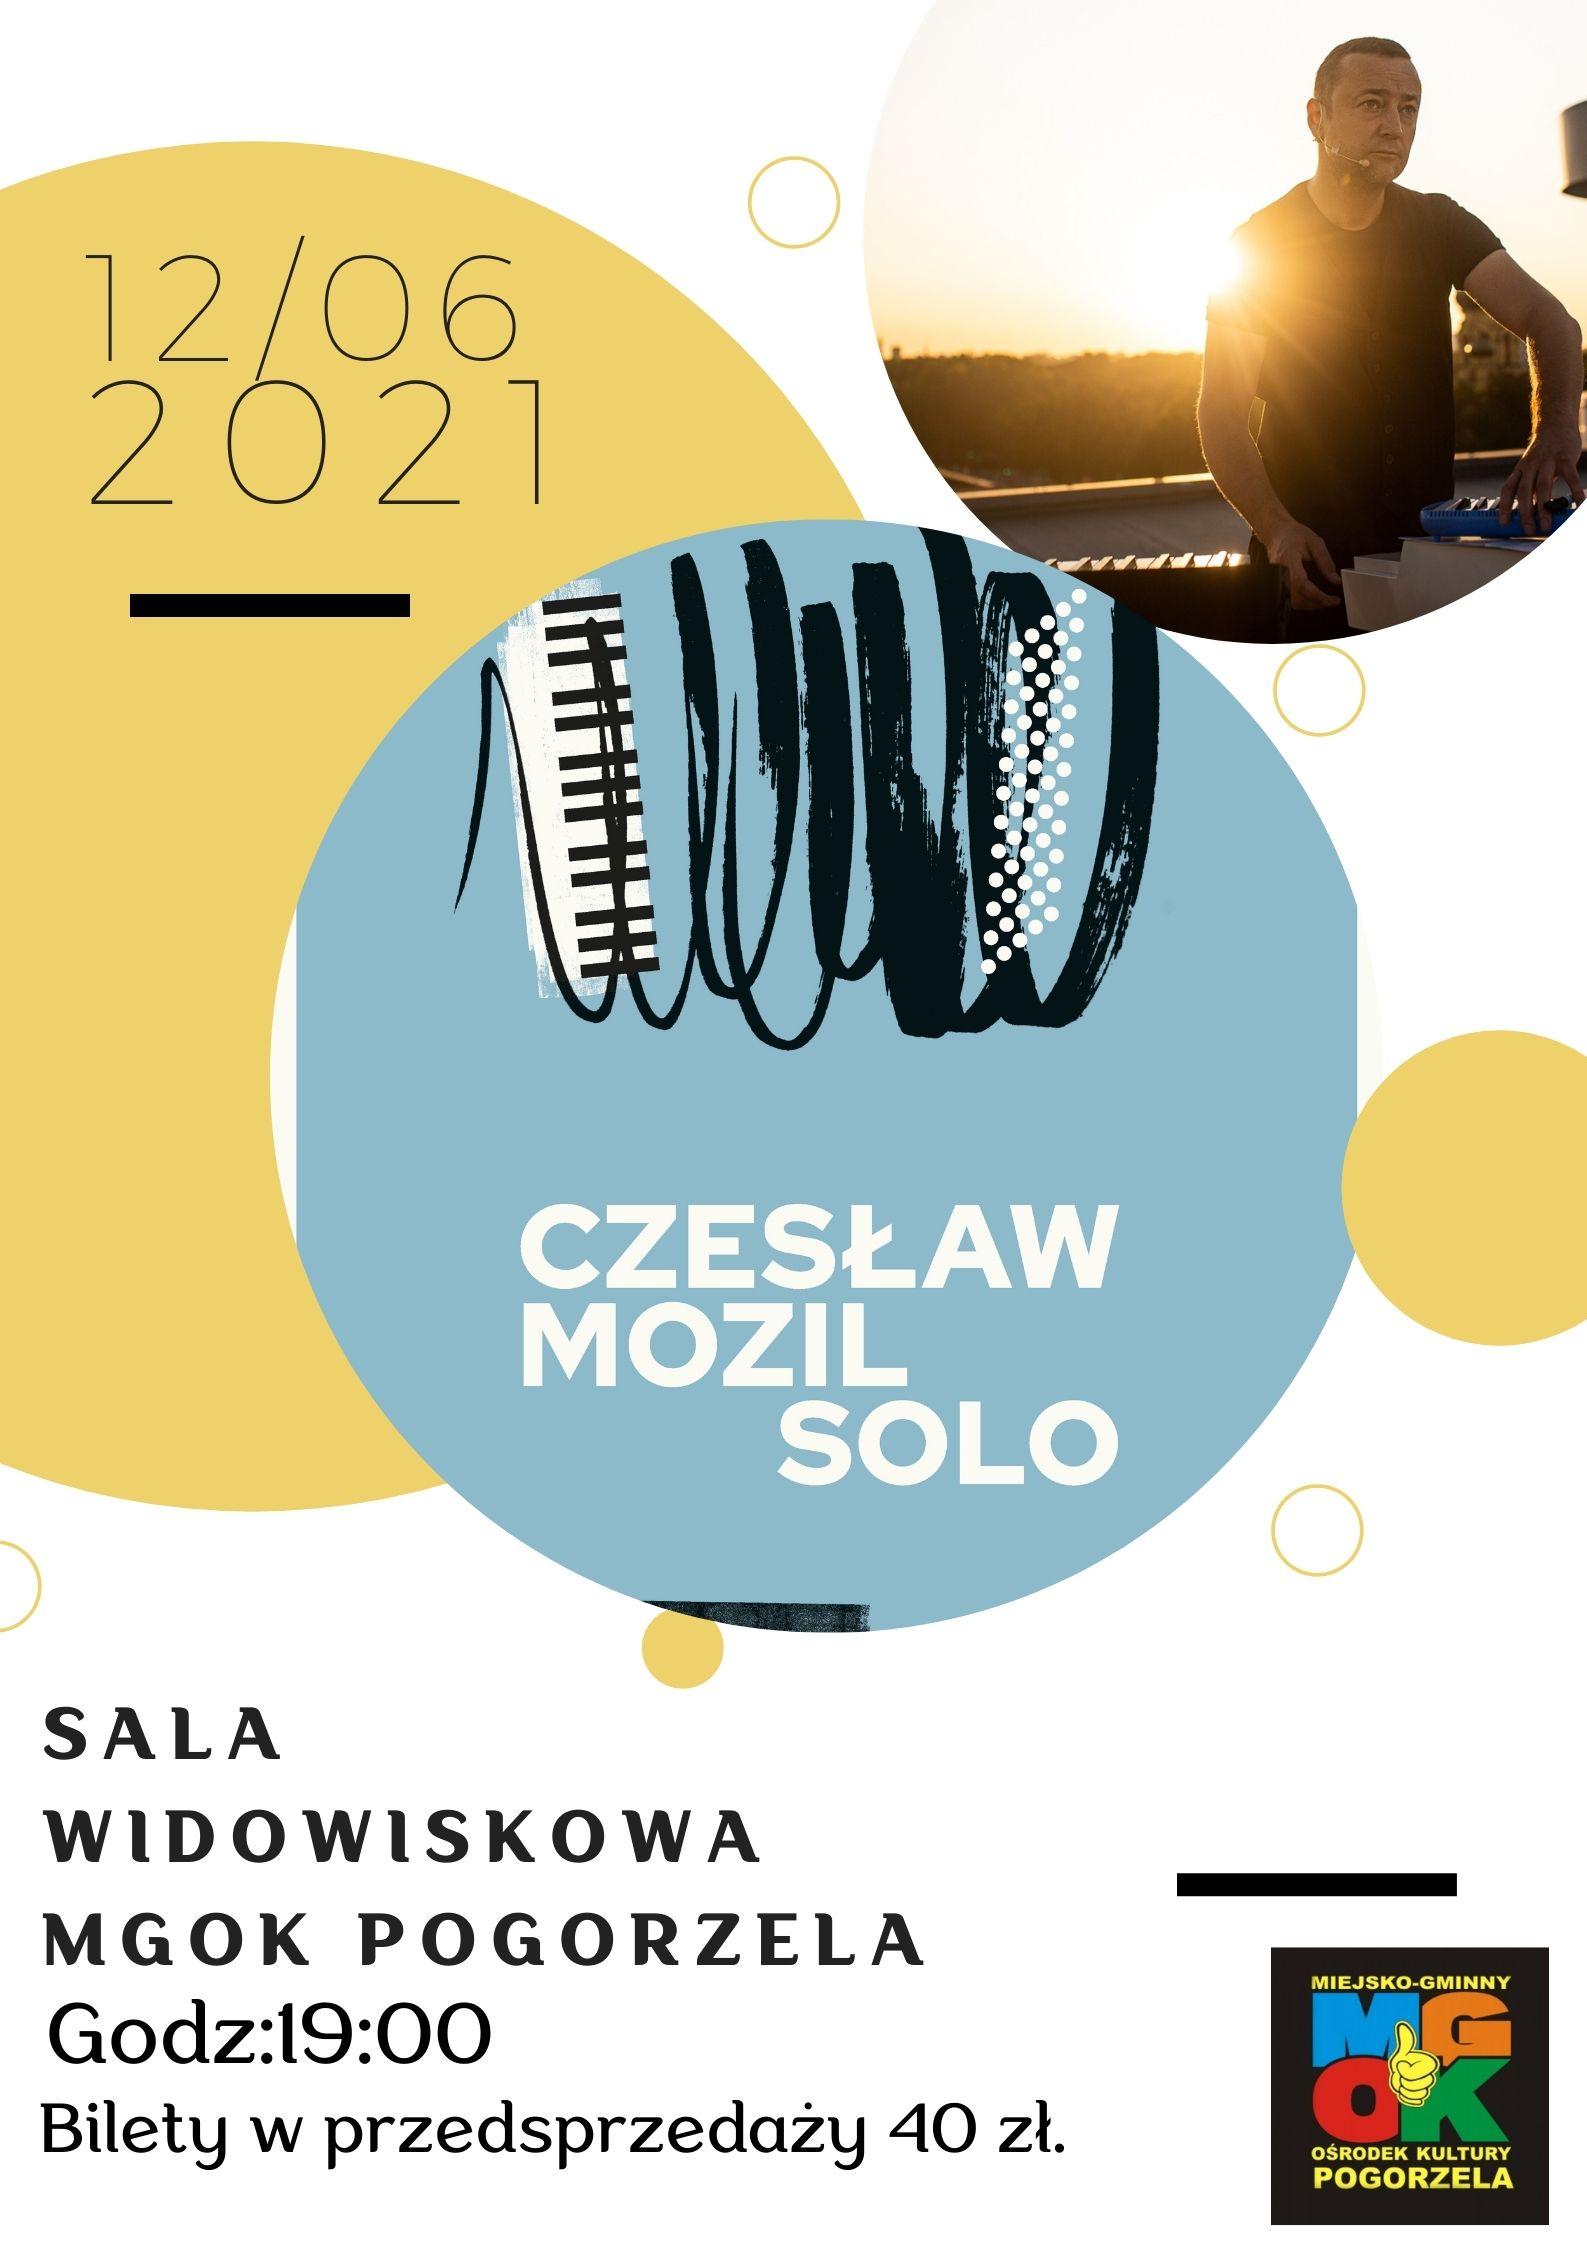 Czesław Mozil Solo